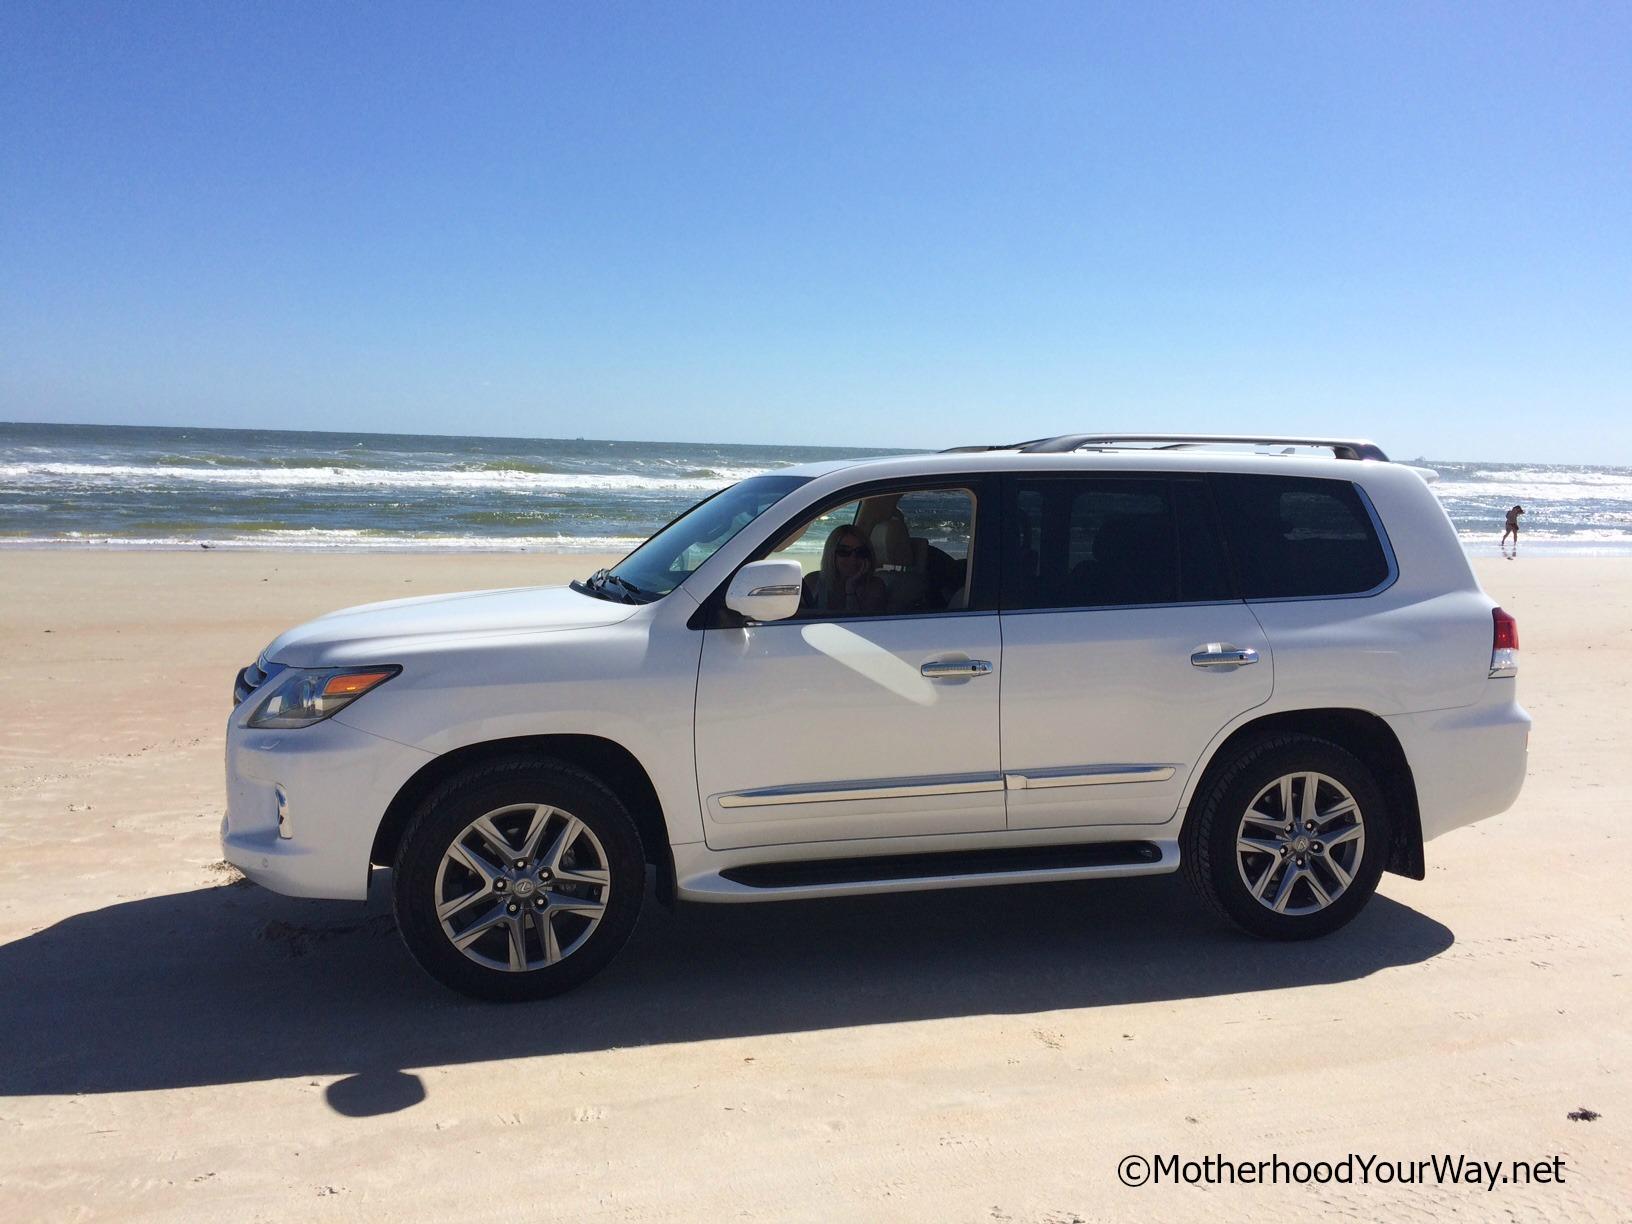 Lexus Family Florida Road Trip- #LexusRoadTrip